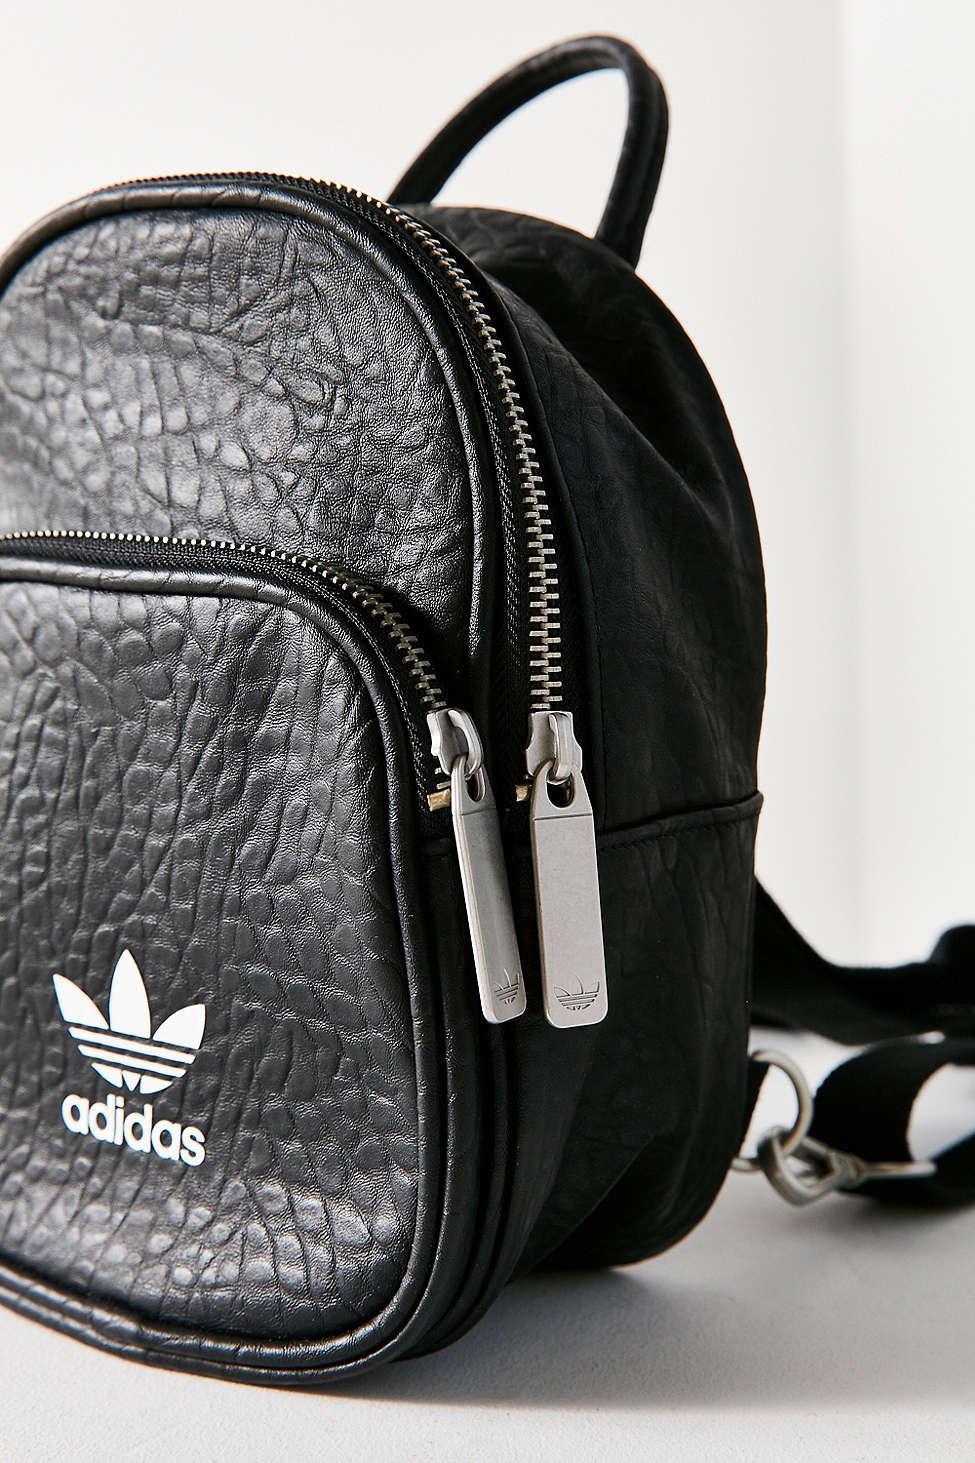 Adidas Originals Originals Classic Mini Backpack In Black